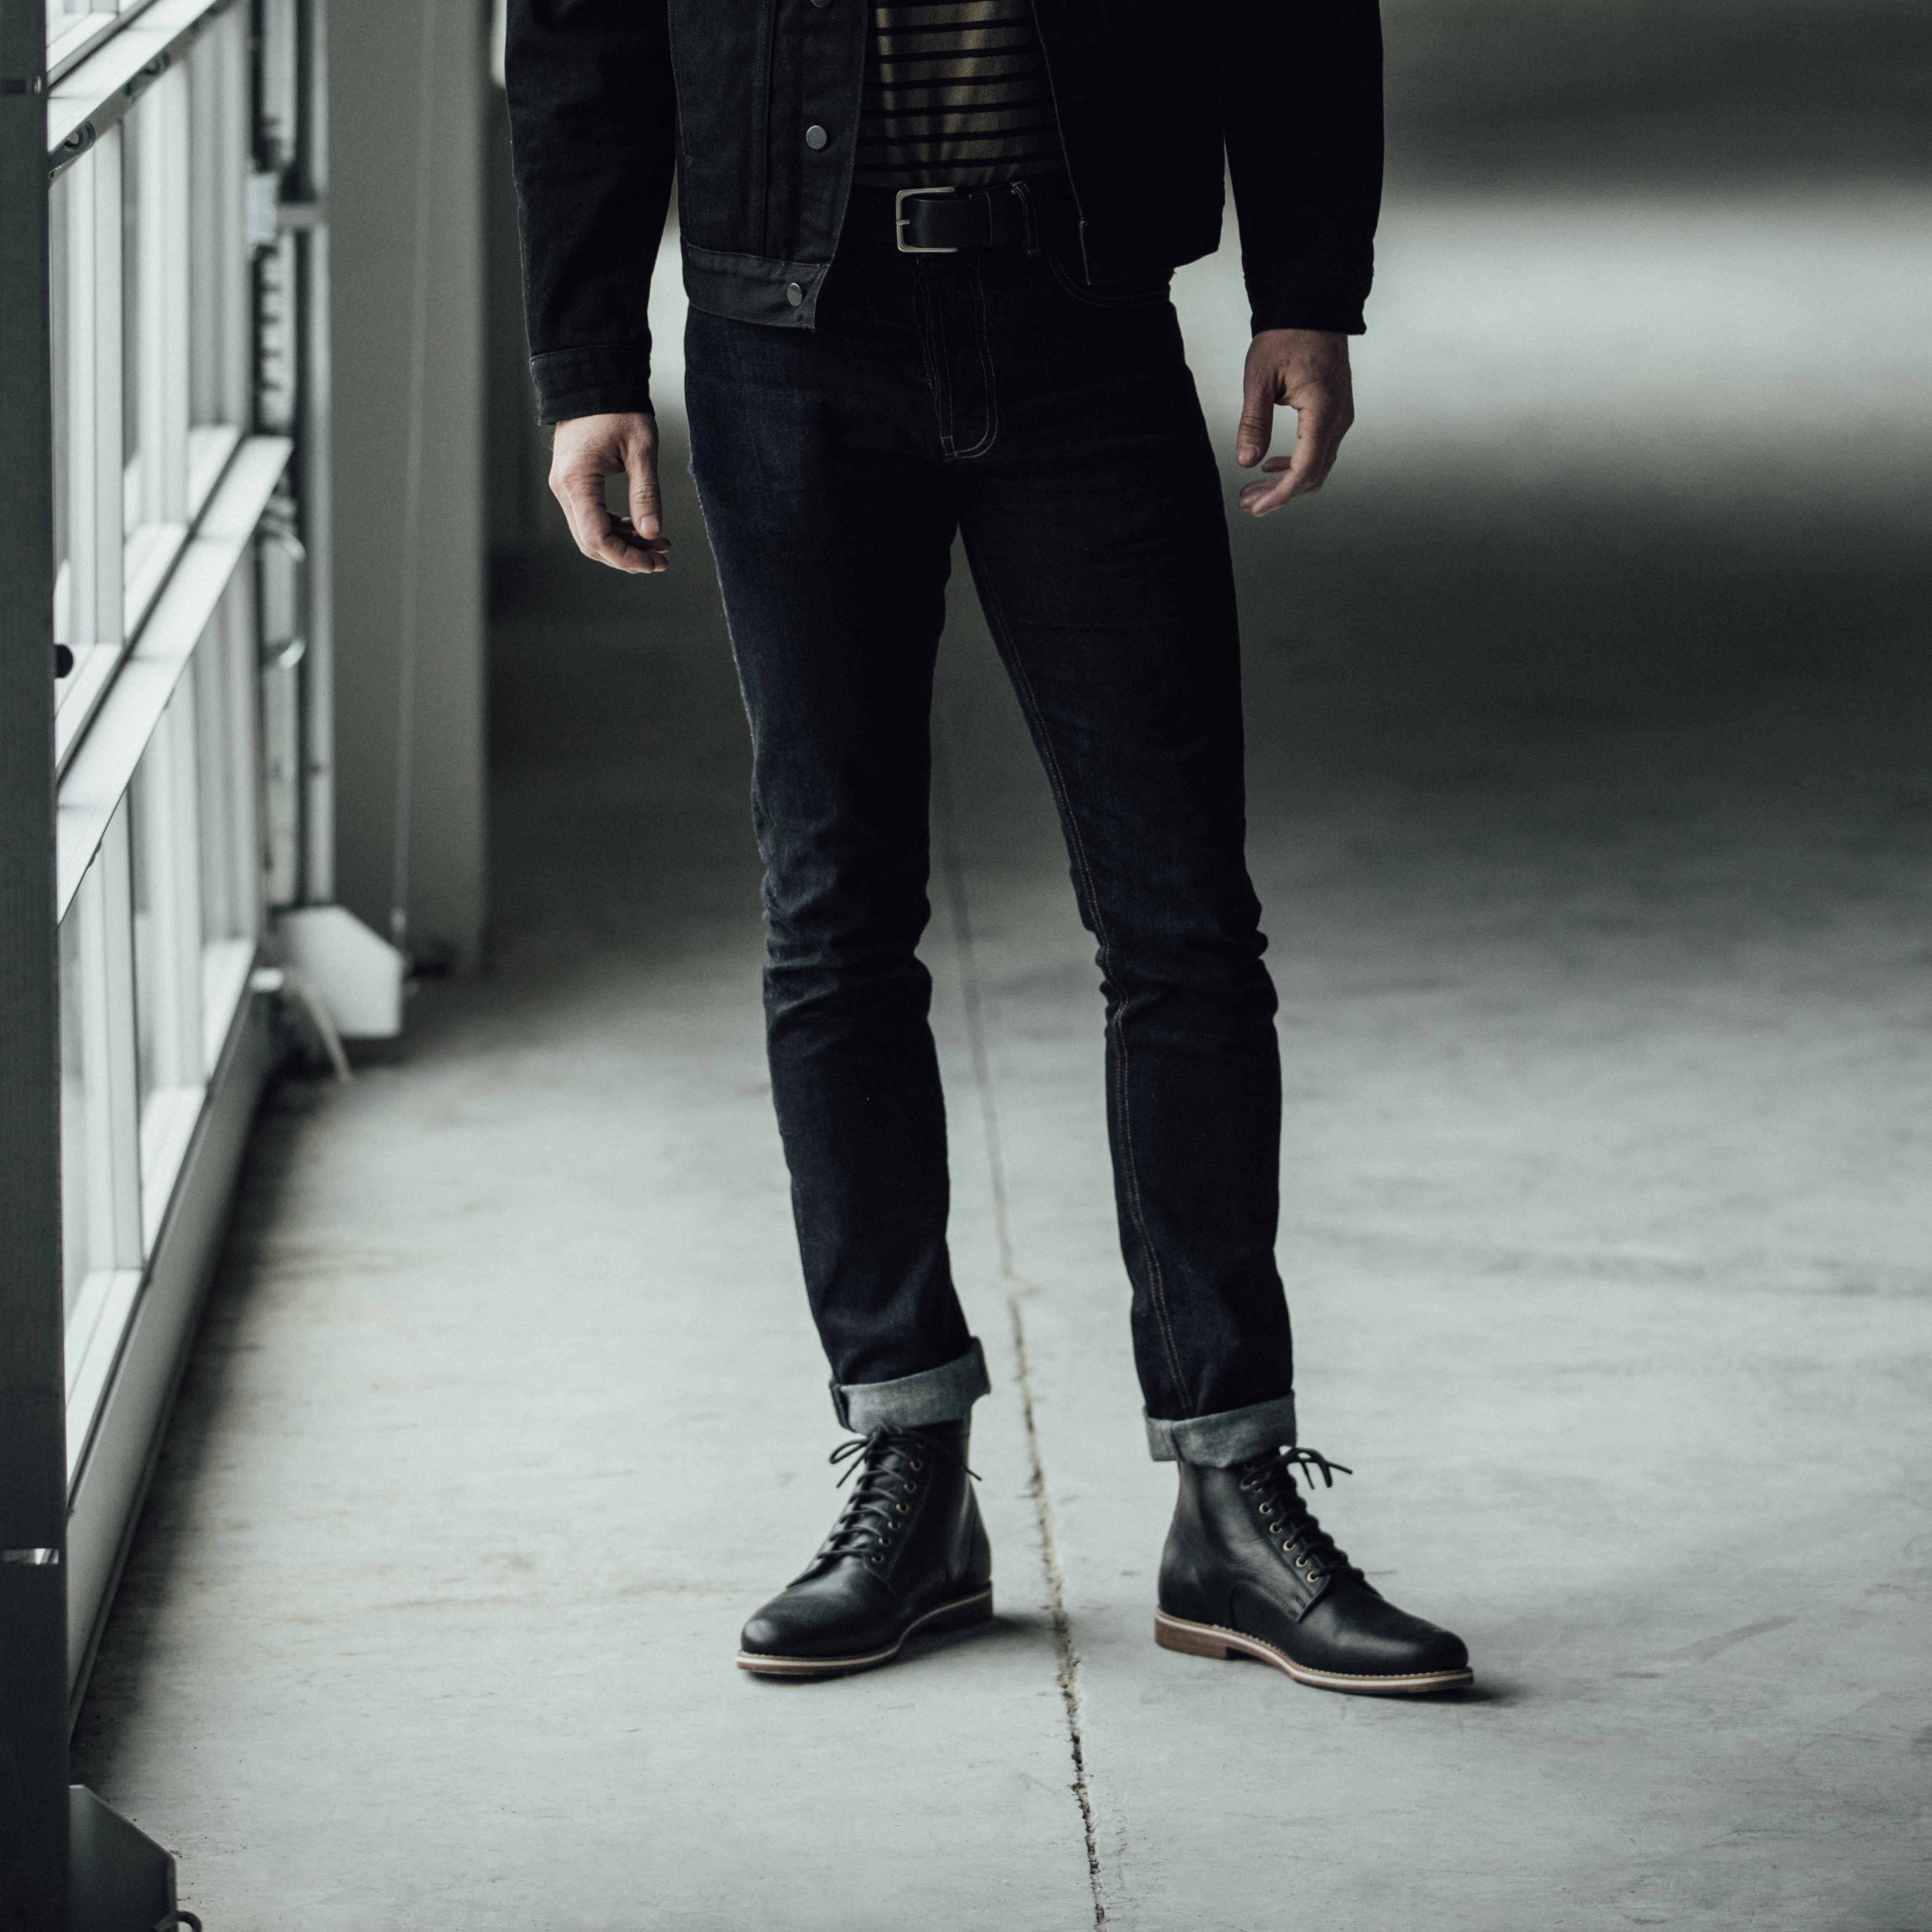 Zind Black being worn